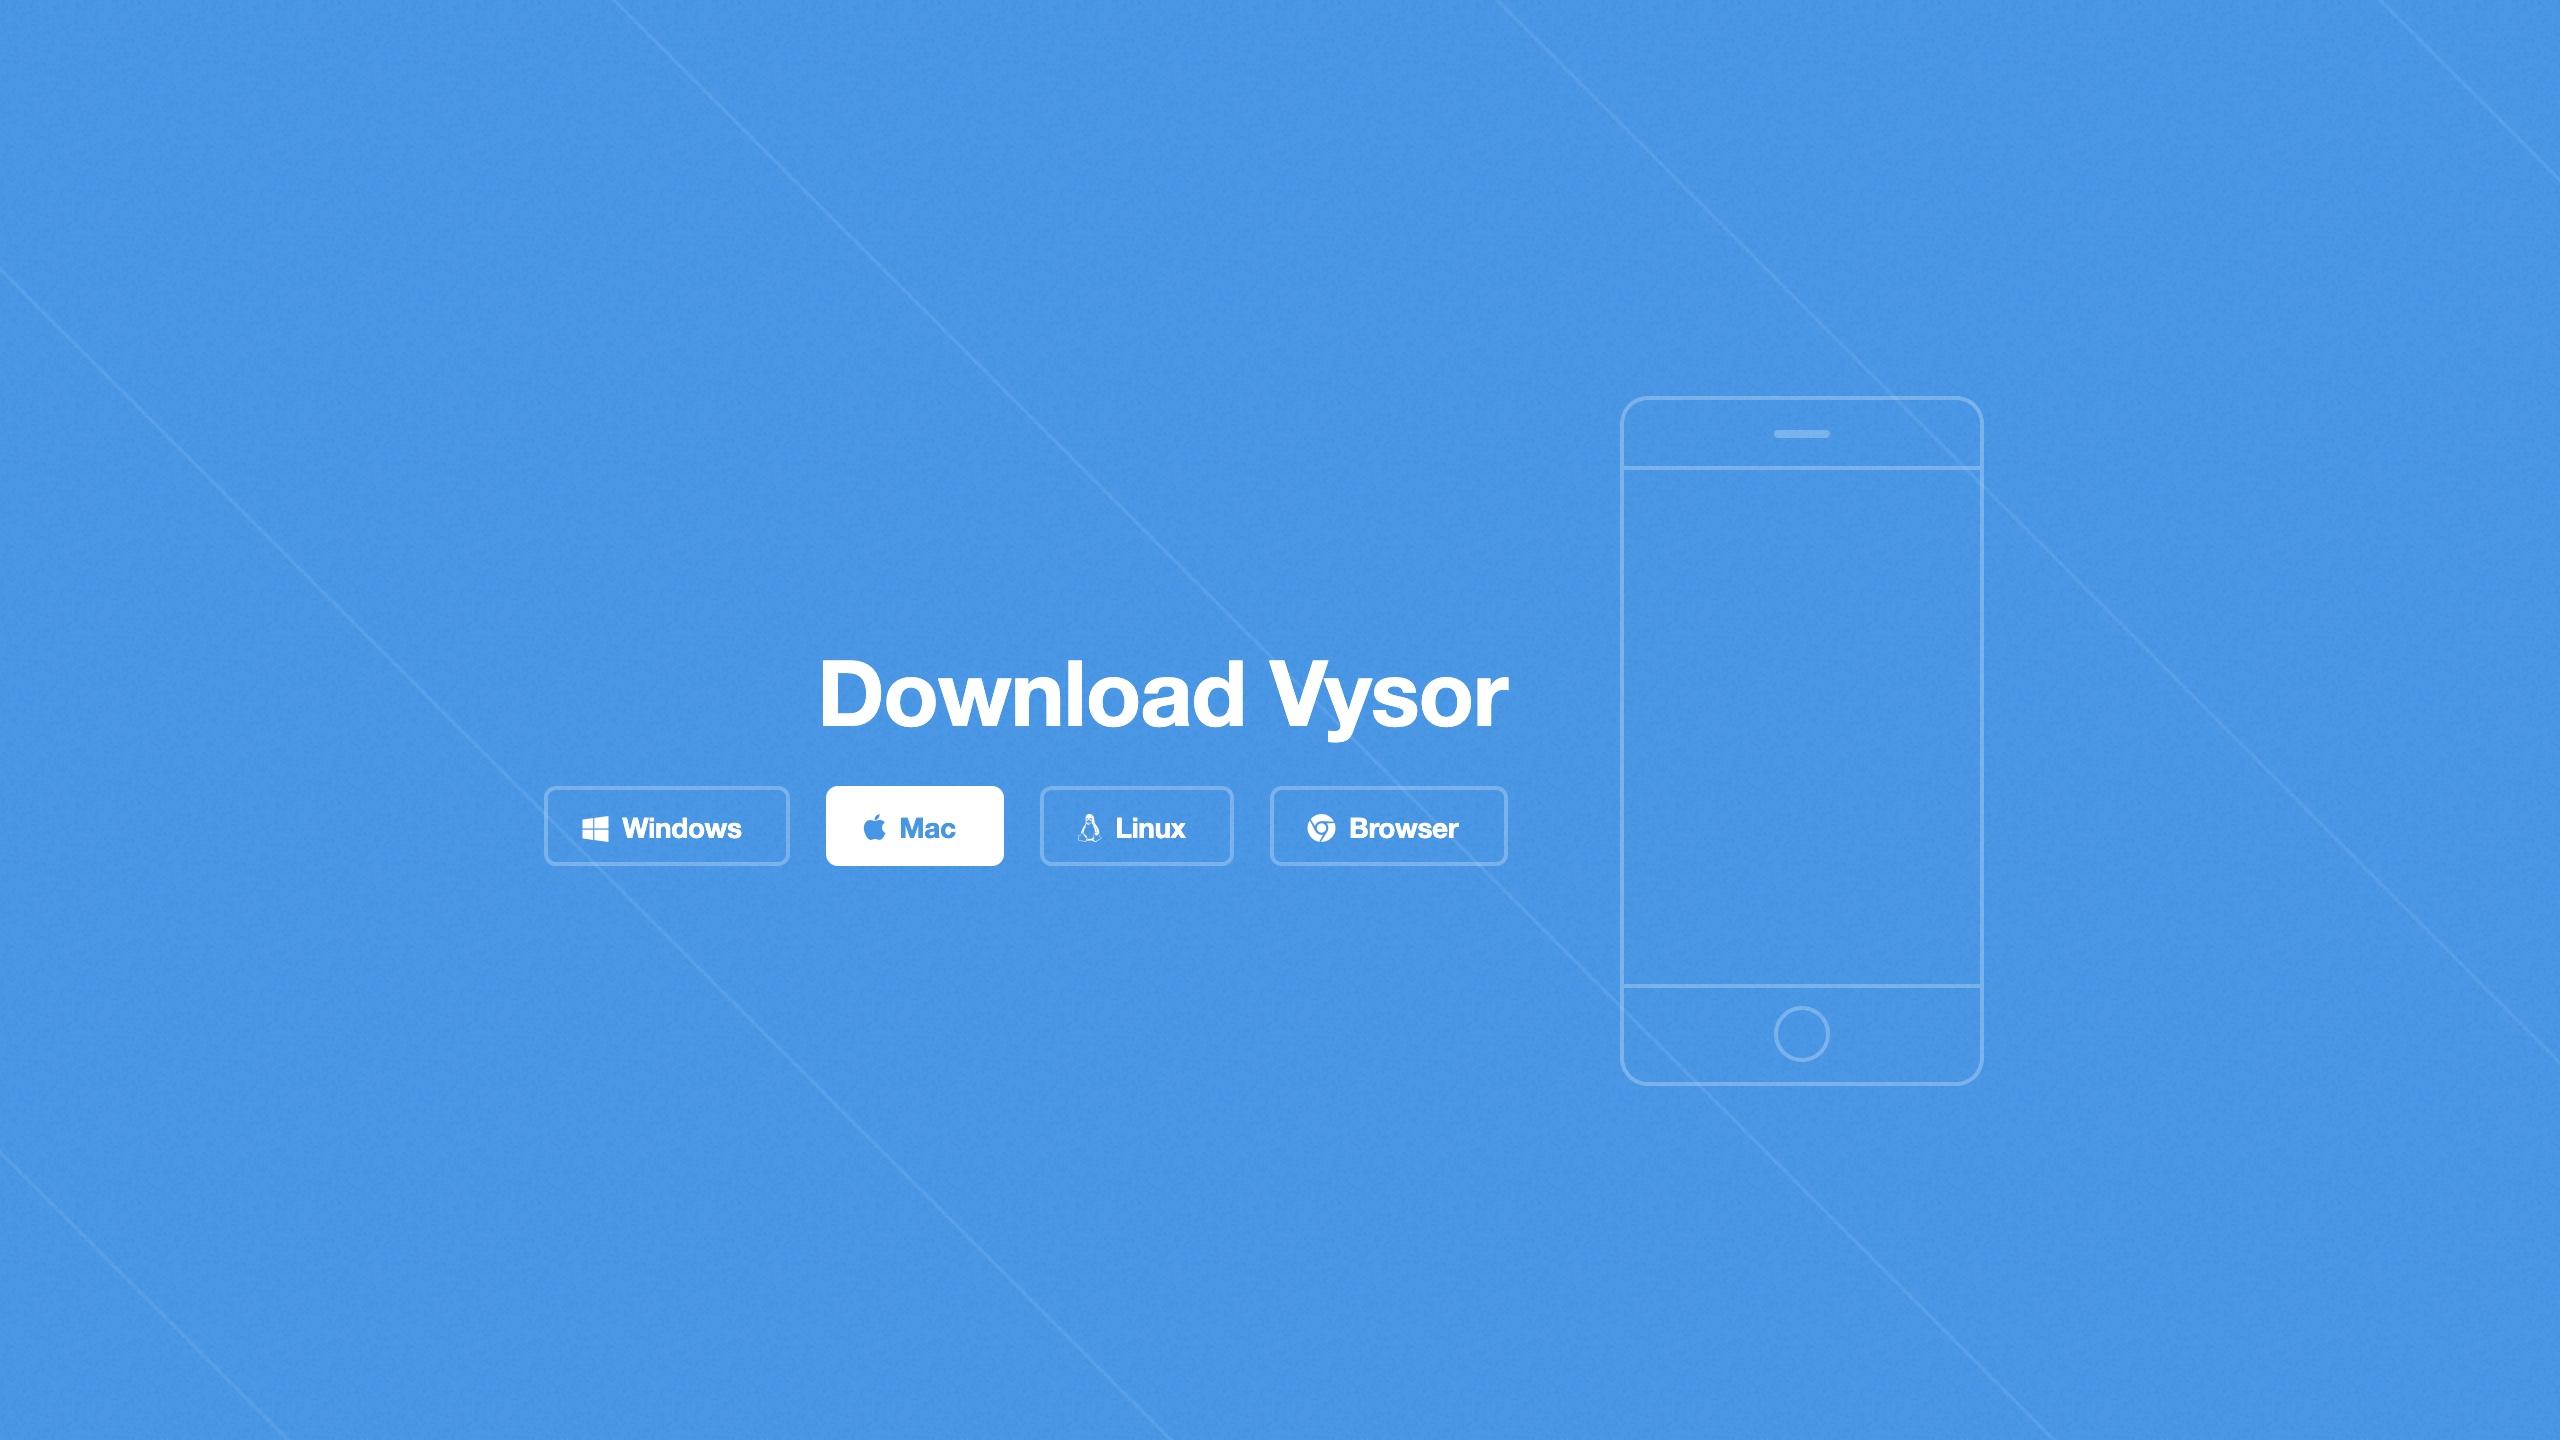 電腦控制 Android 手機 Vysor